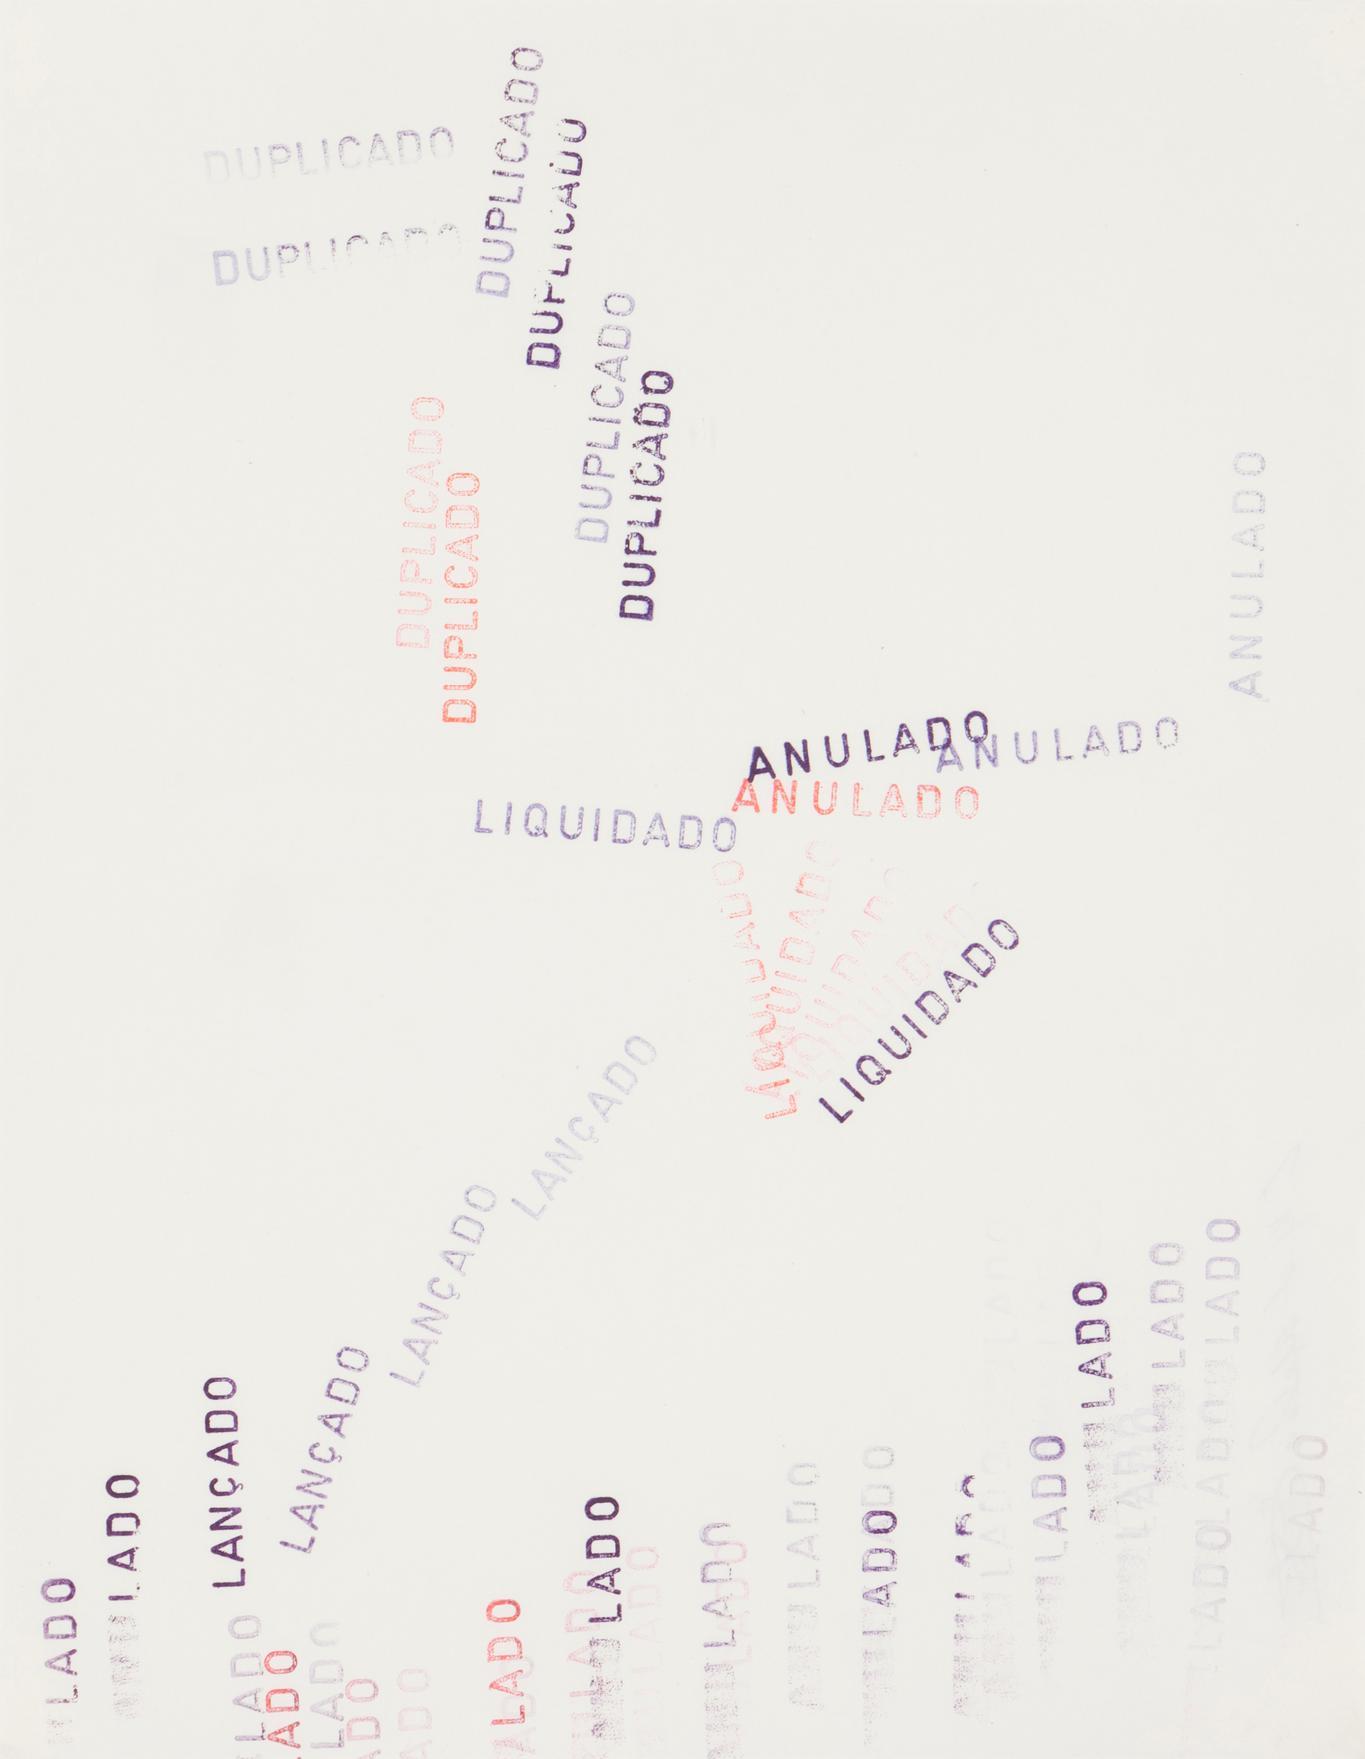 E. M. De Melo E Castro - Untitled (Anulado Lancado Liquidado Duplicado)-